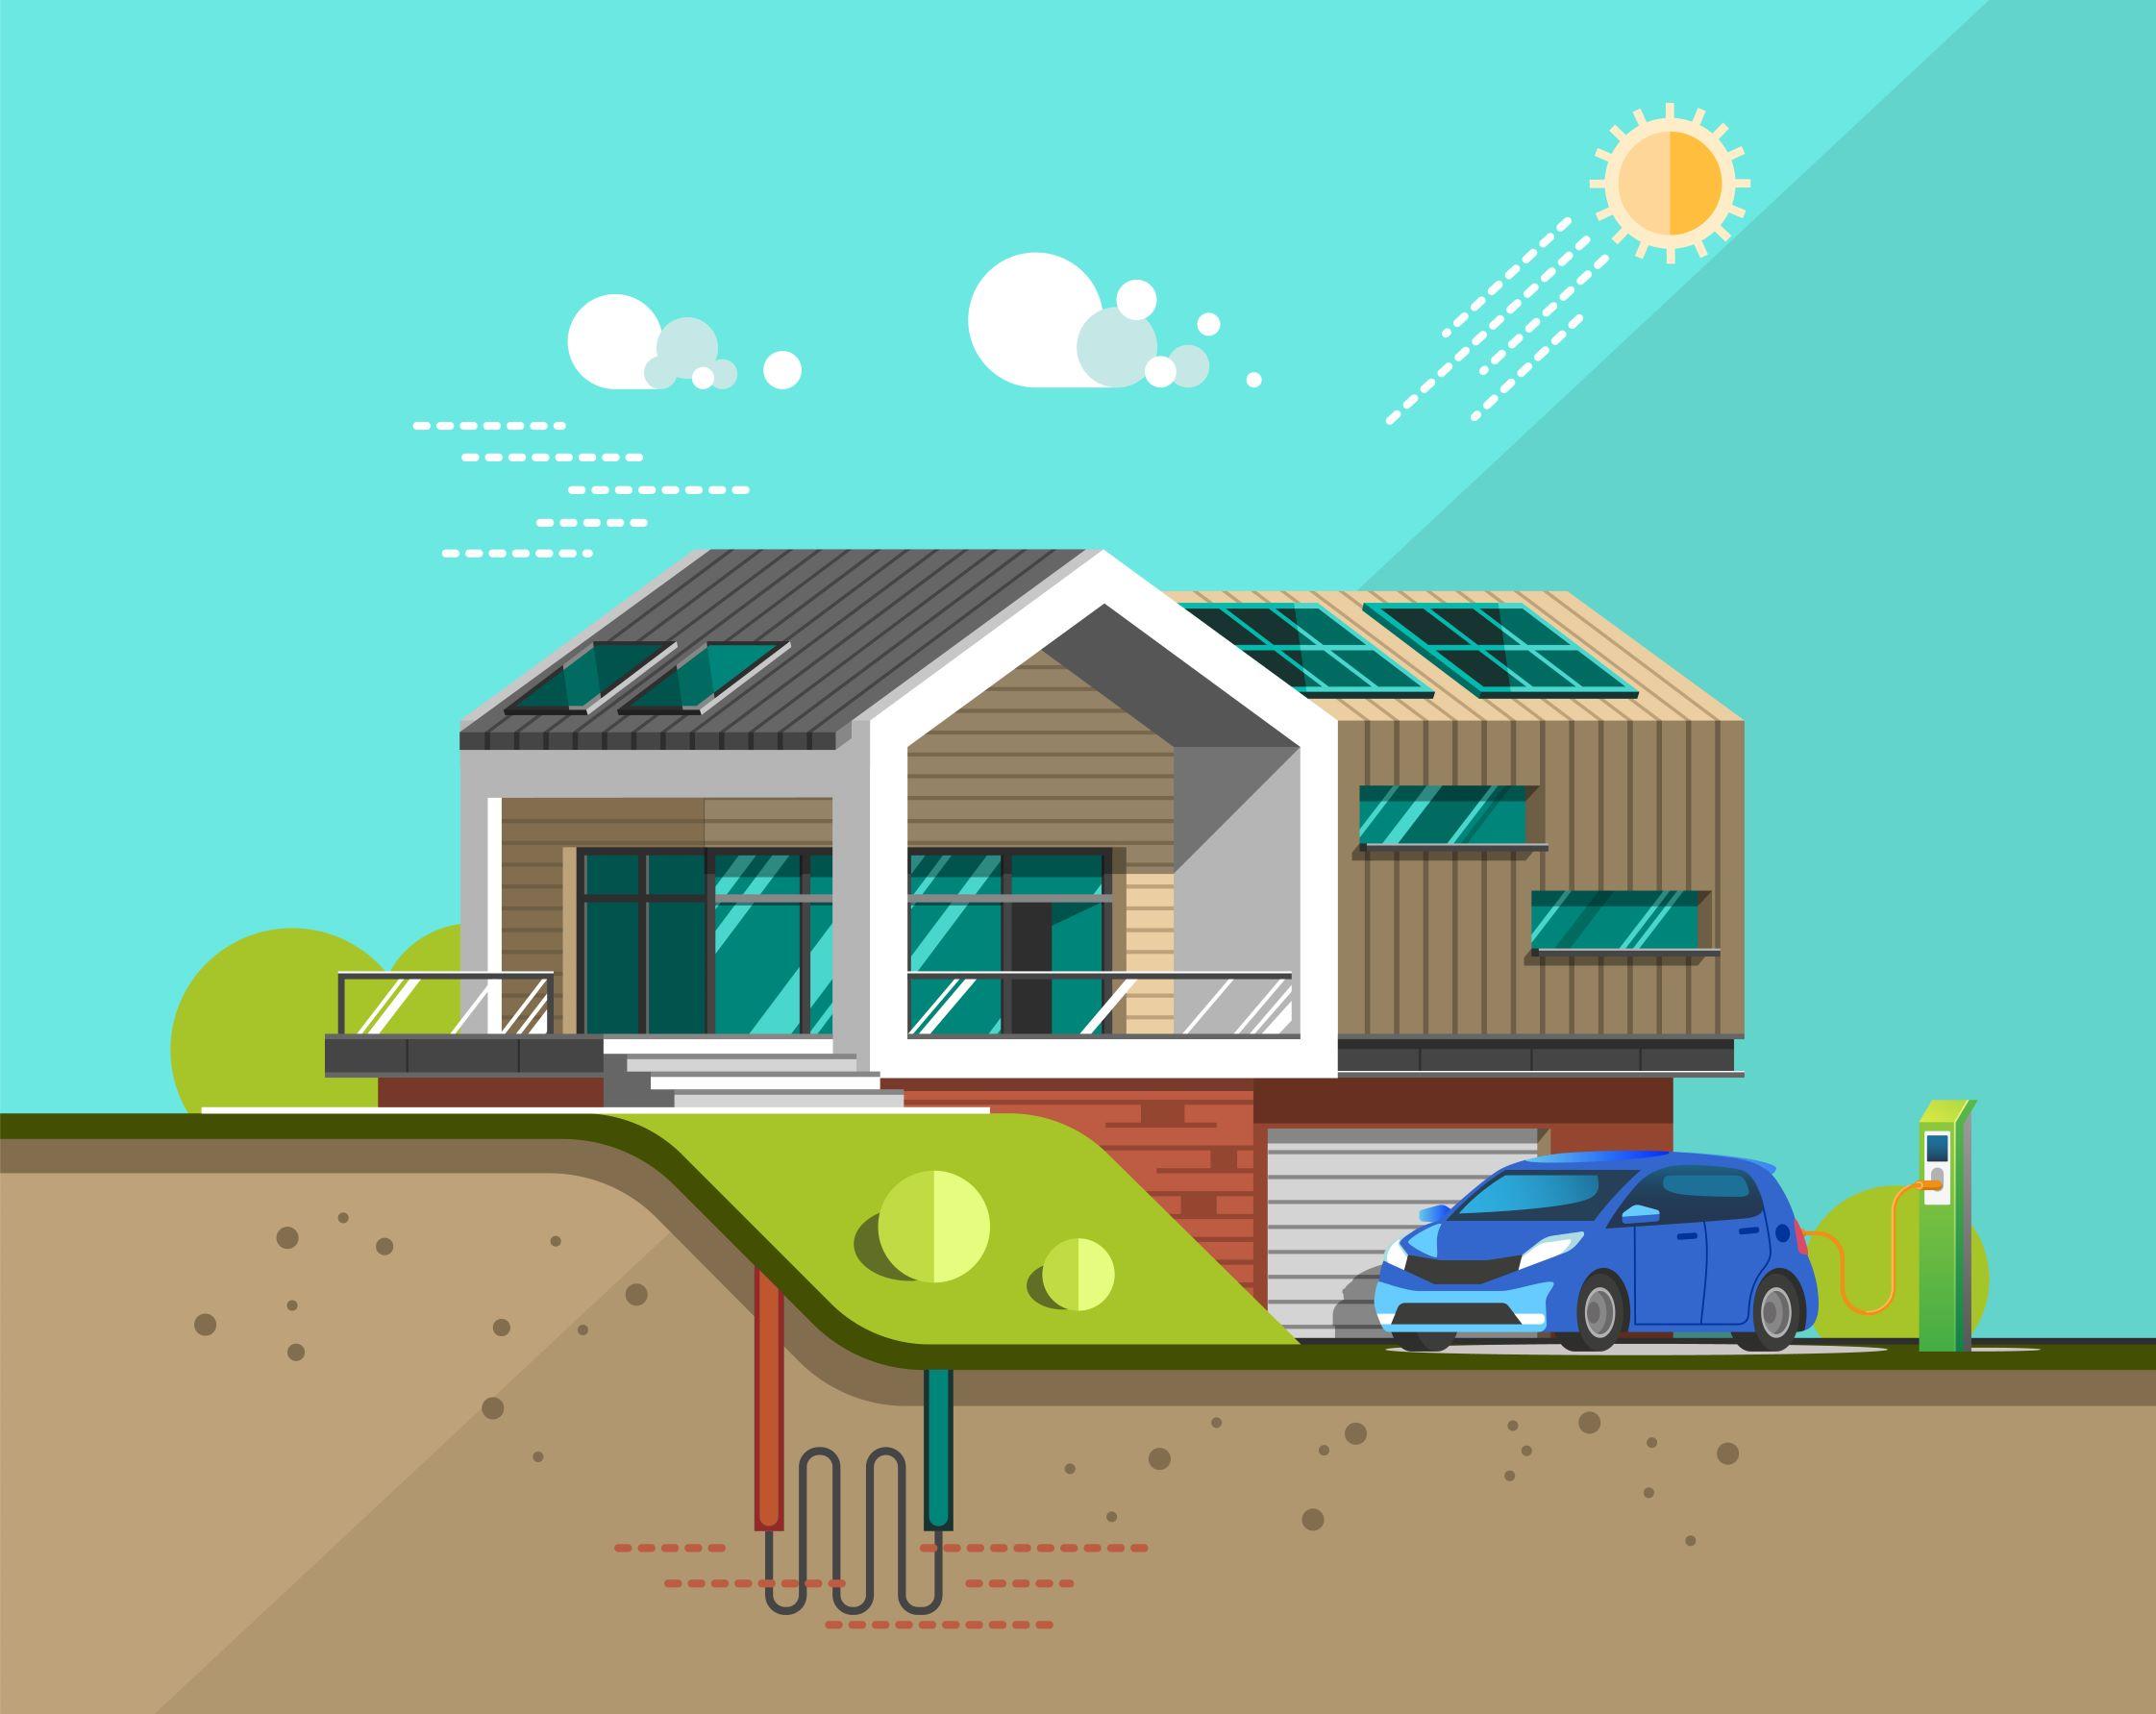 ¿Qué son las Viviendas Geosolares® de carbono positivo?